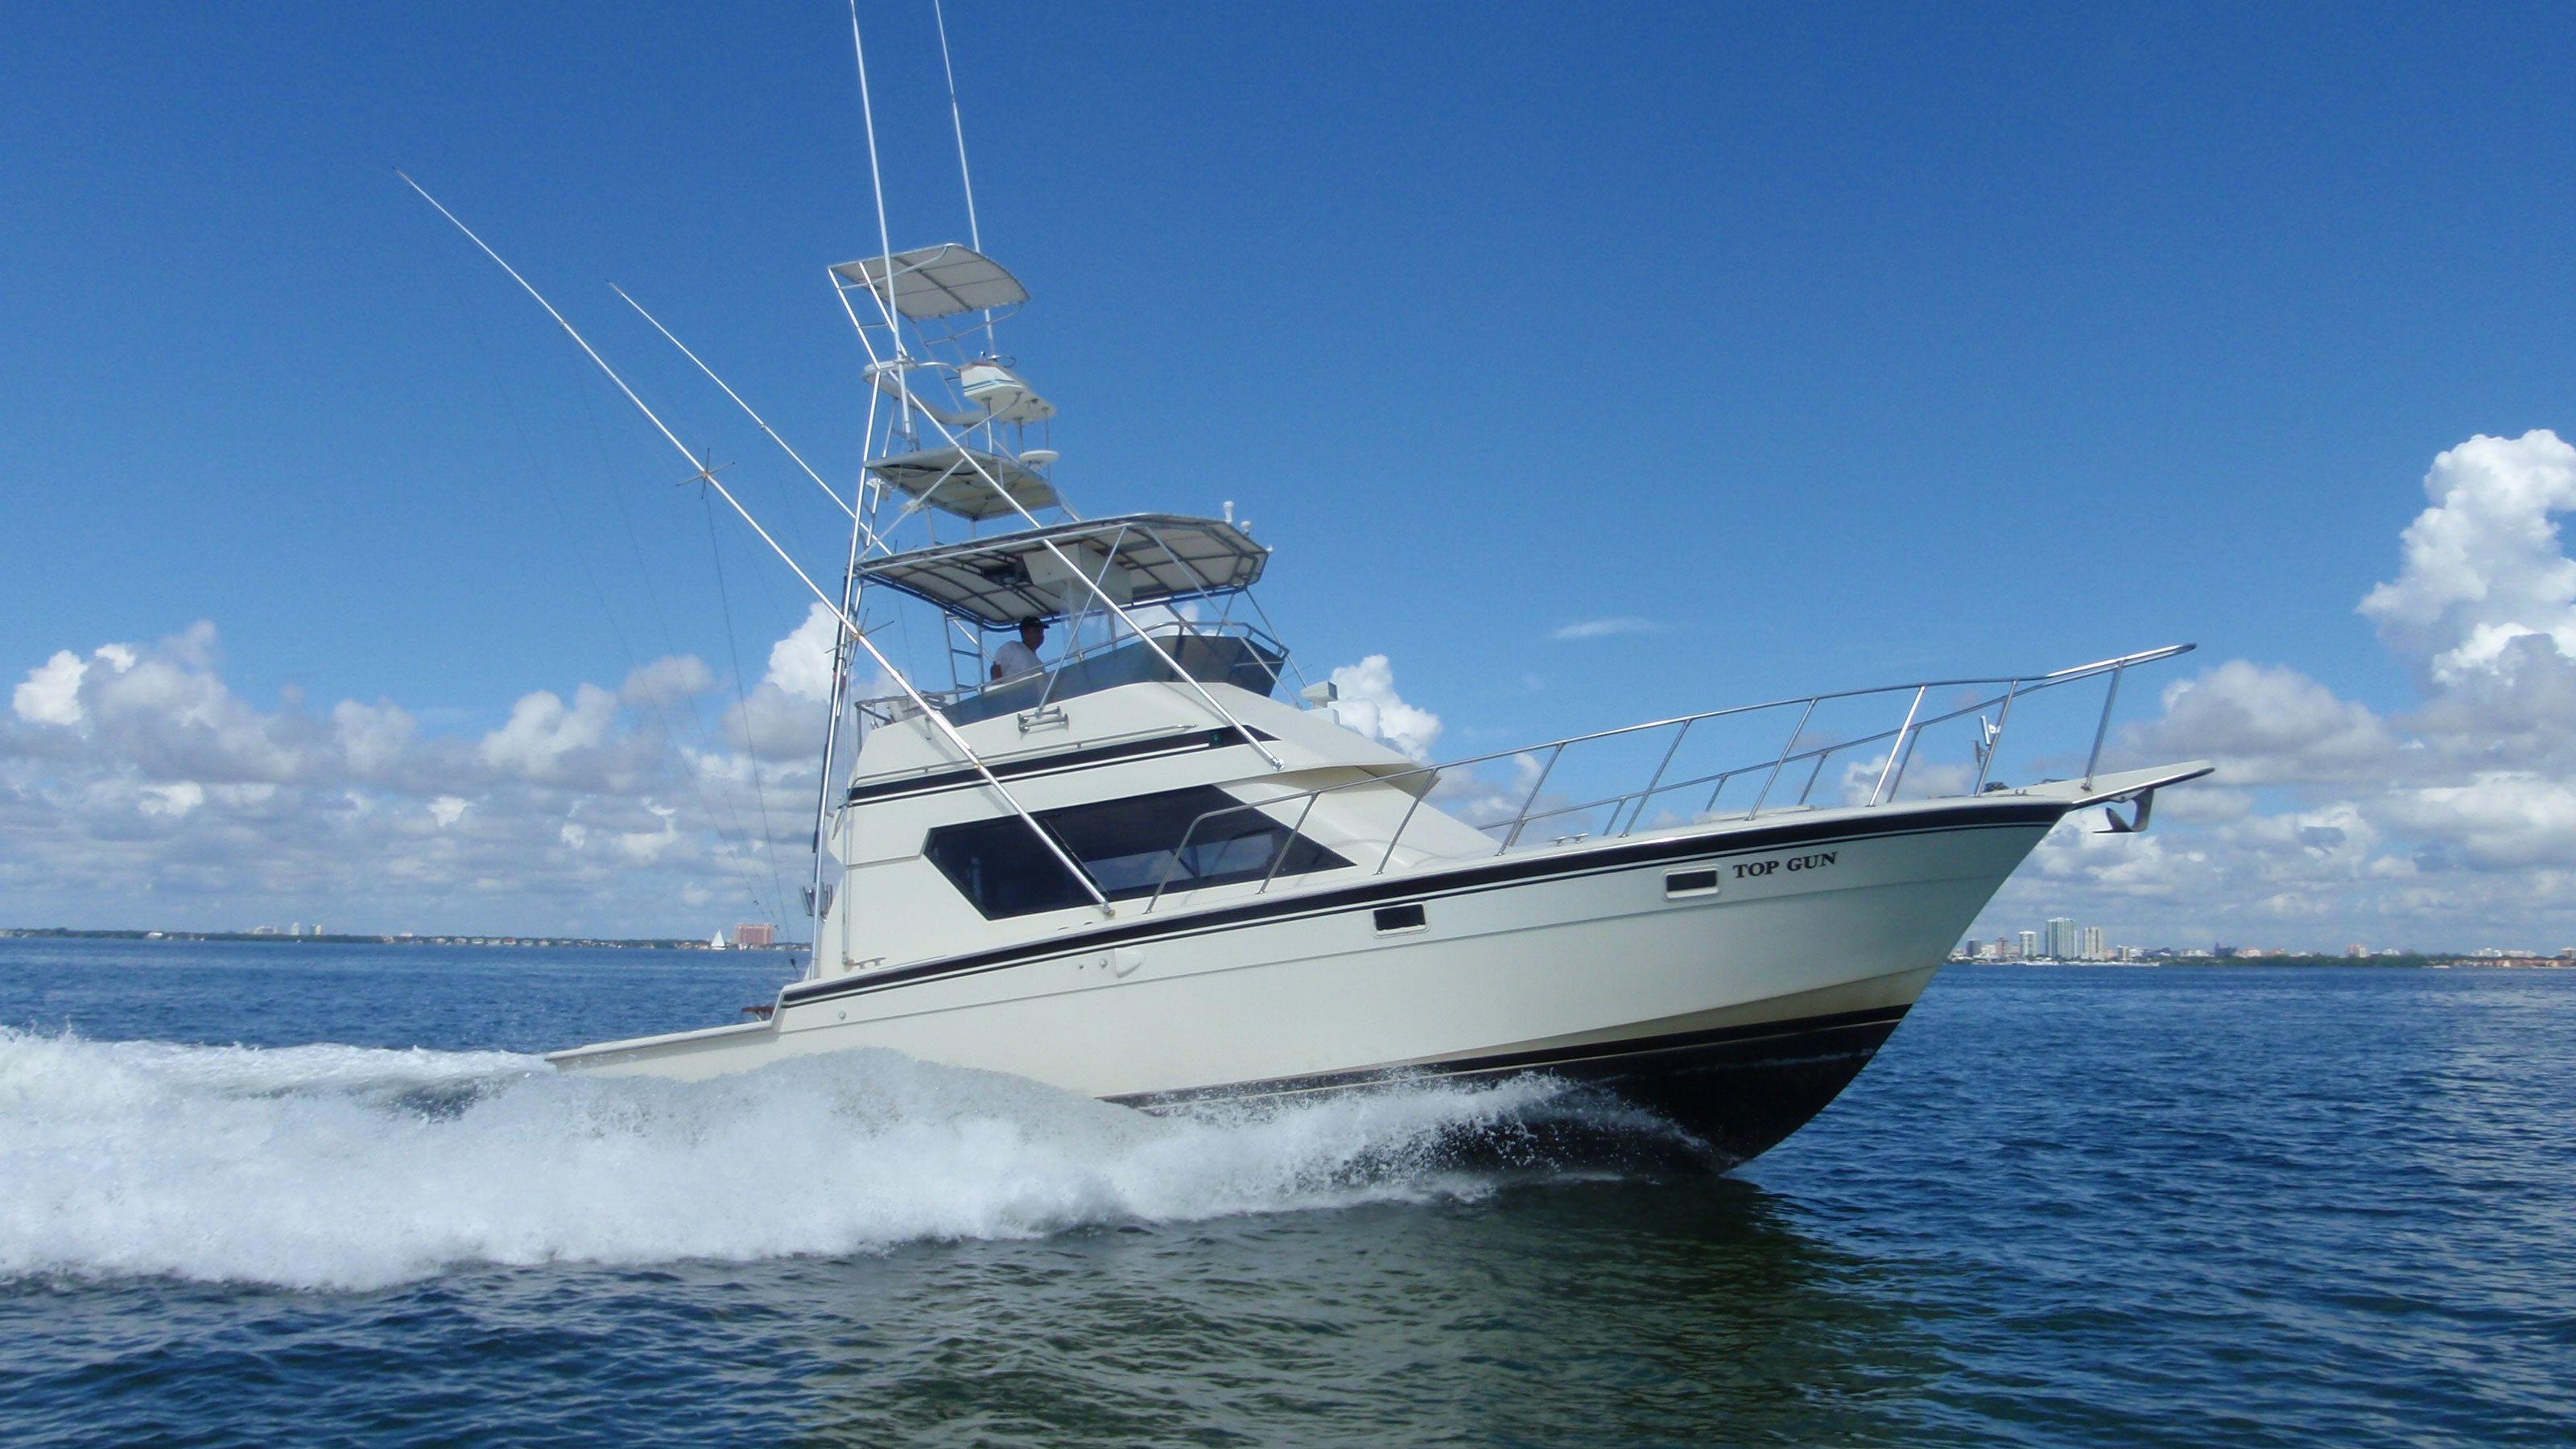 Top Gun fishing boat in Key West